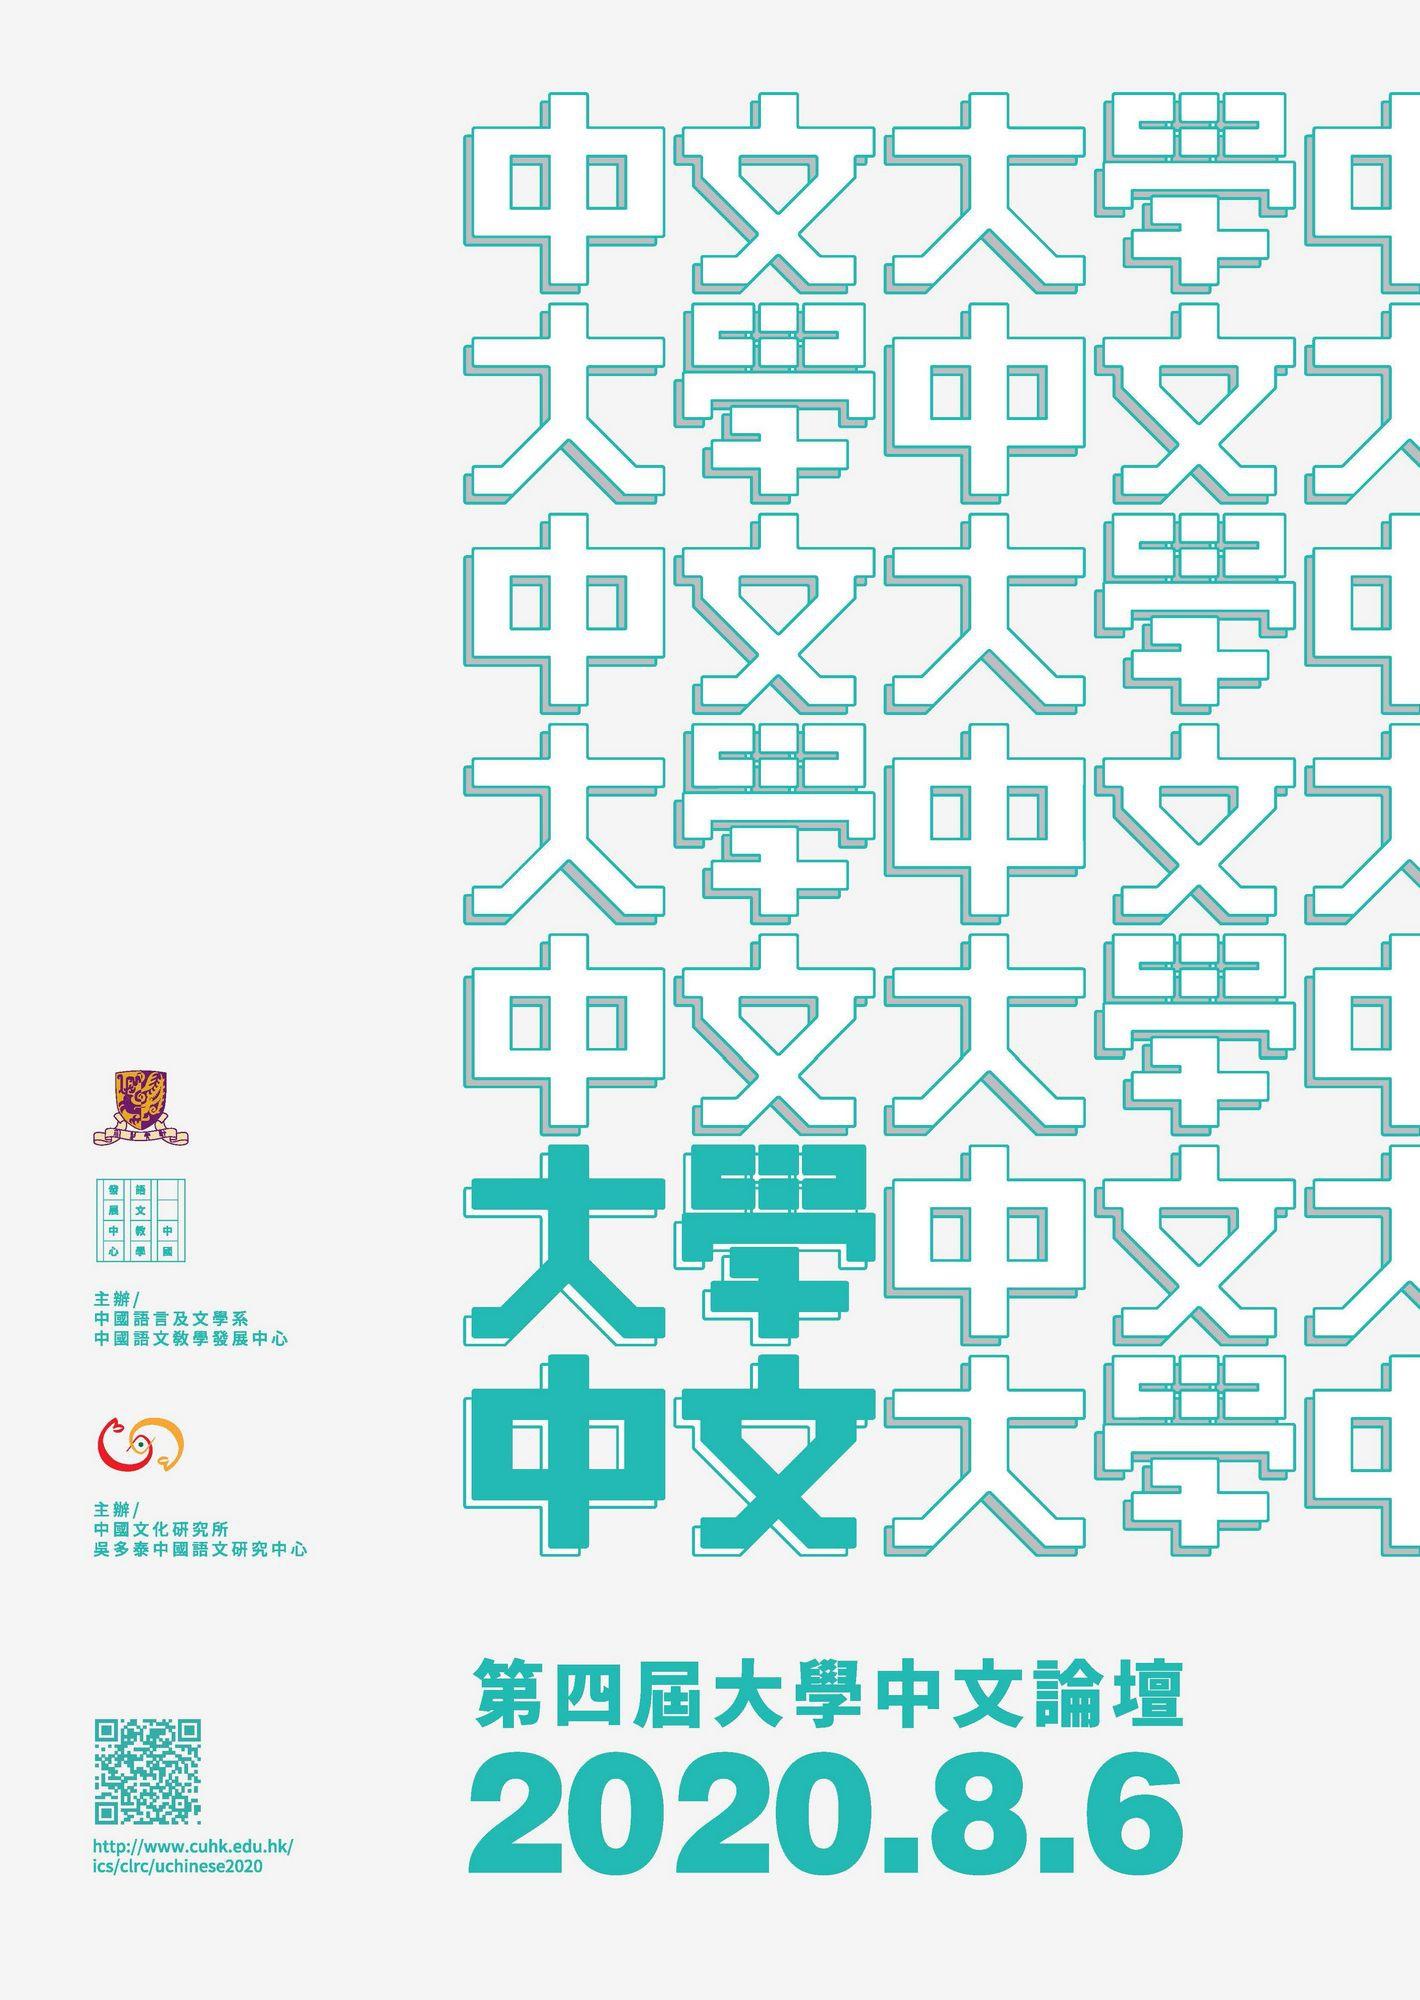 第四届大学中文论坛